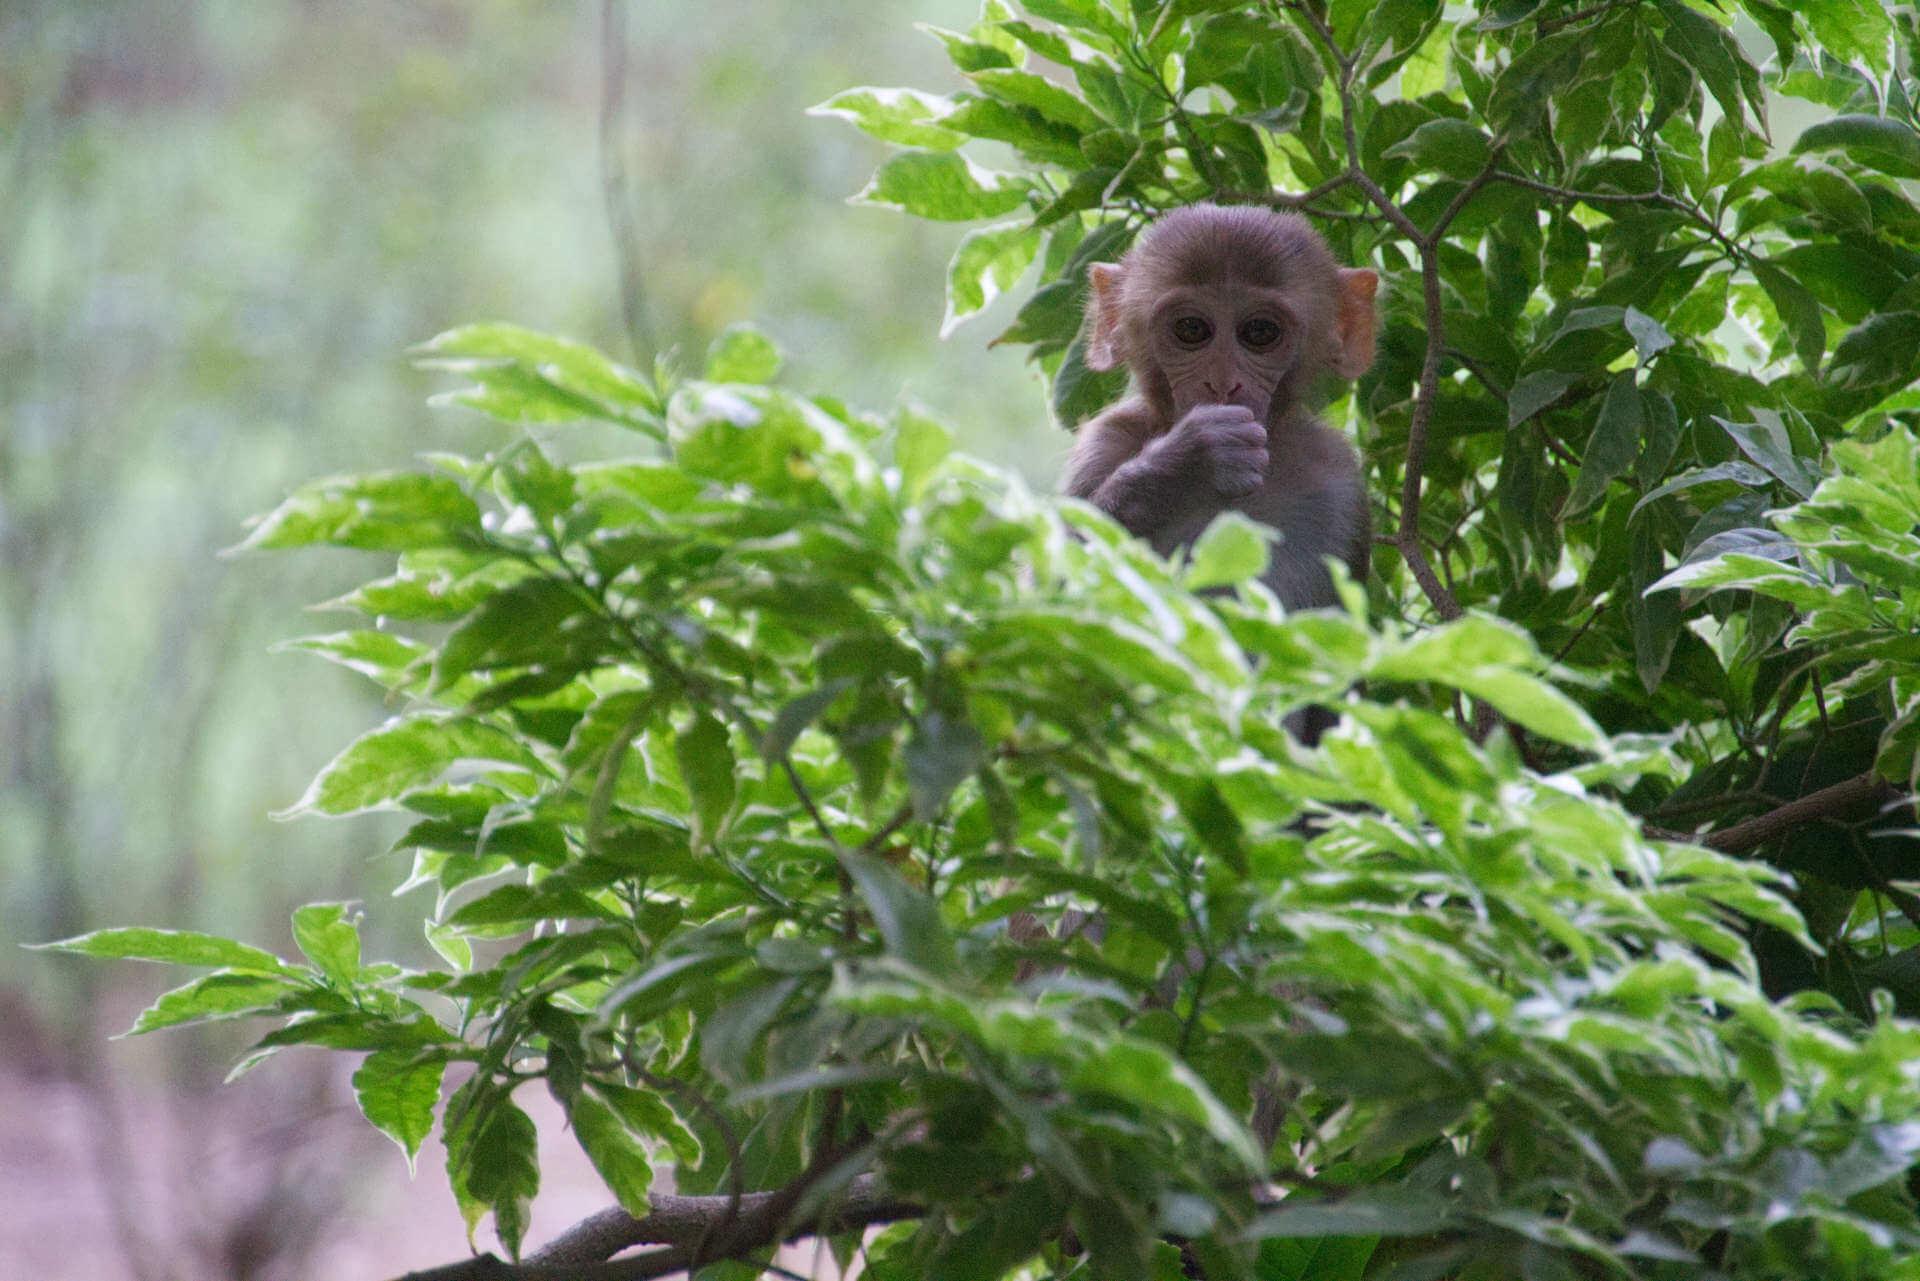 Affe in den Lodi Gärten in Neu-Delhi